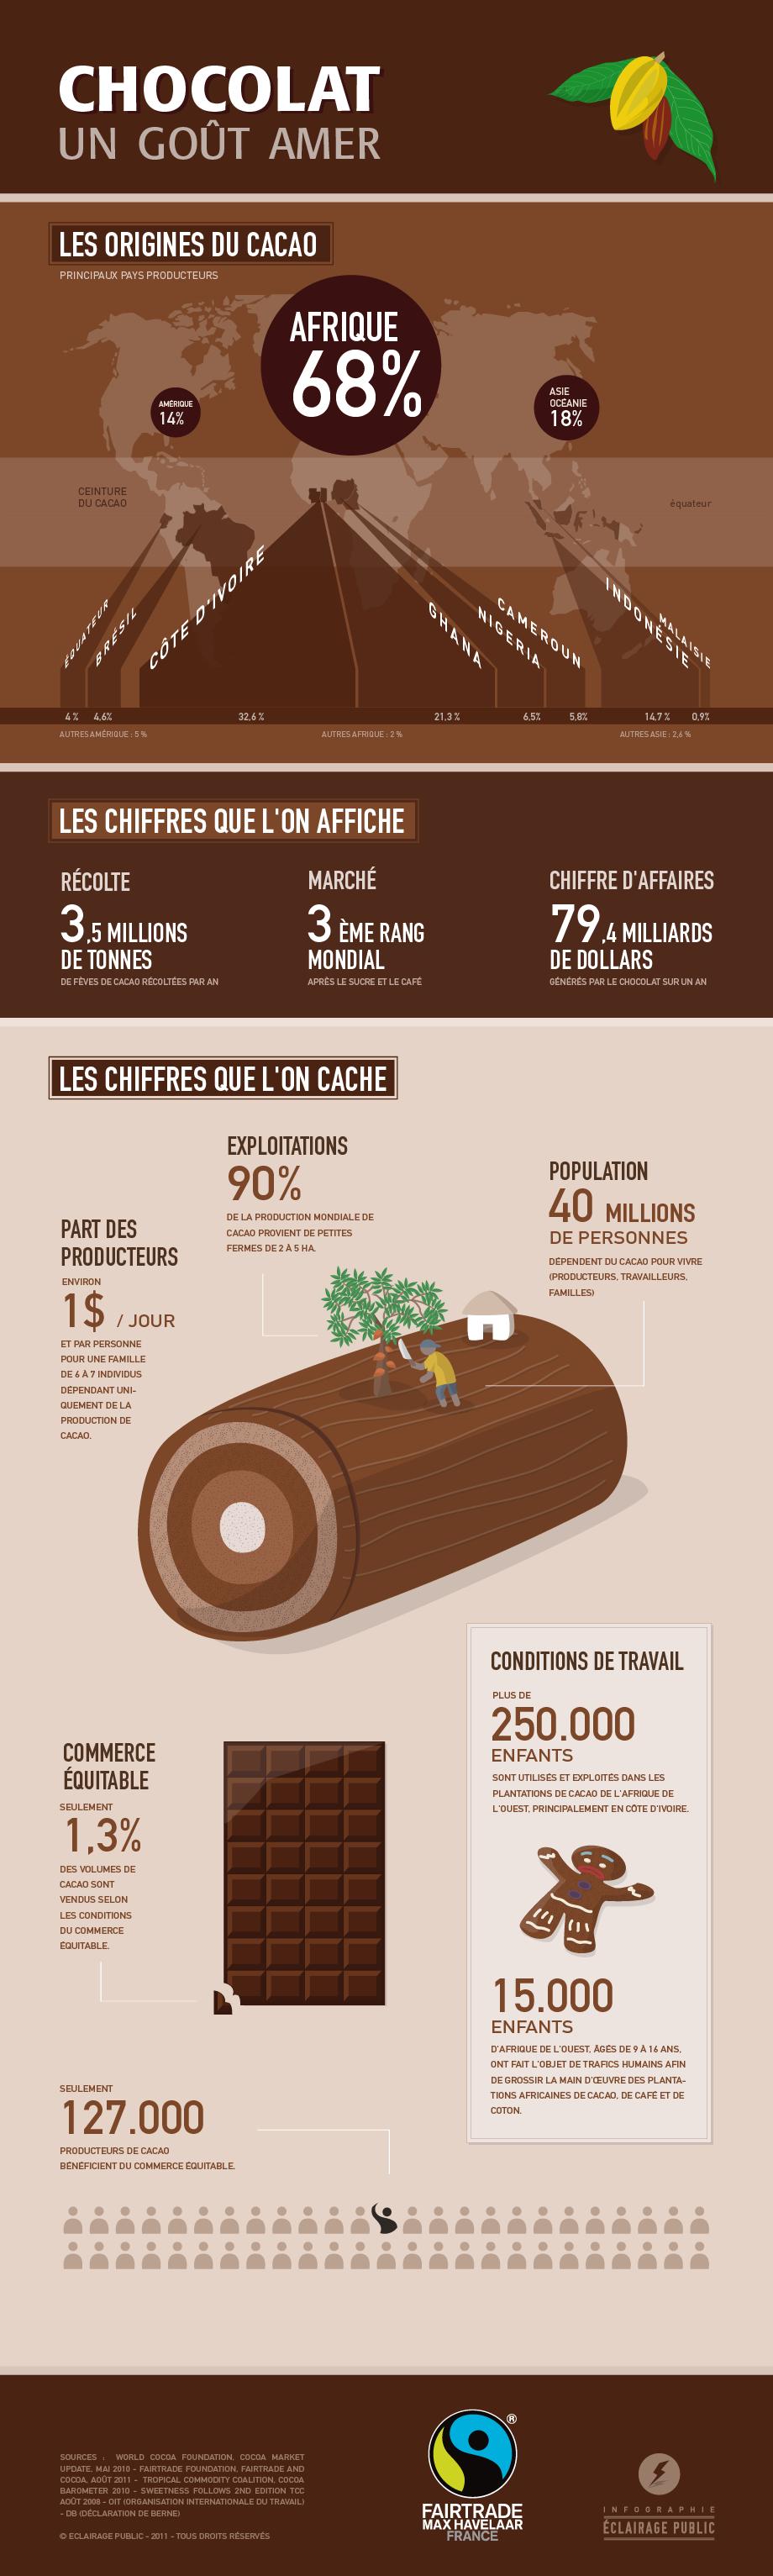 commerce équitable cacao - Artisanat et commerce equitable